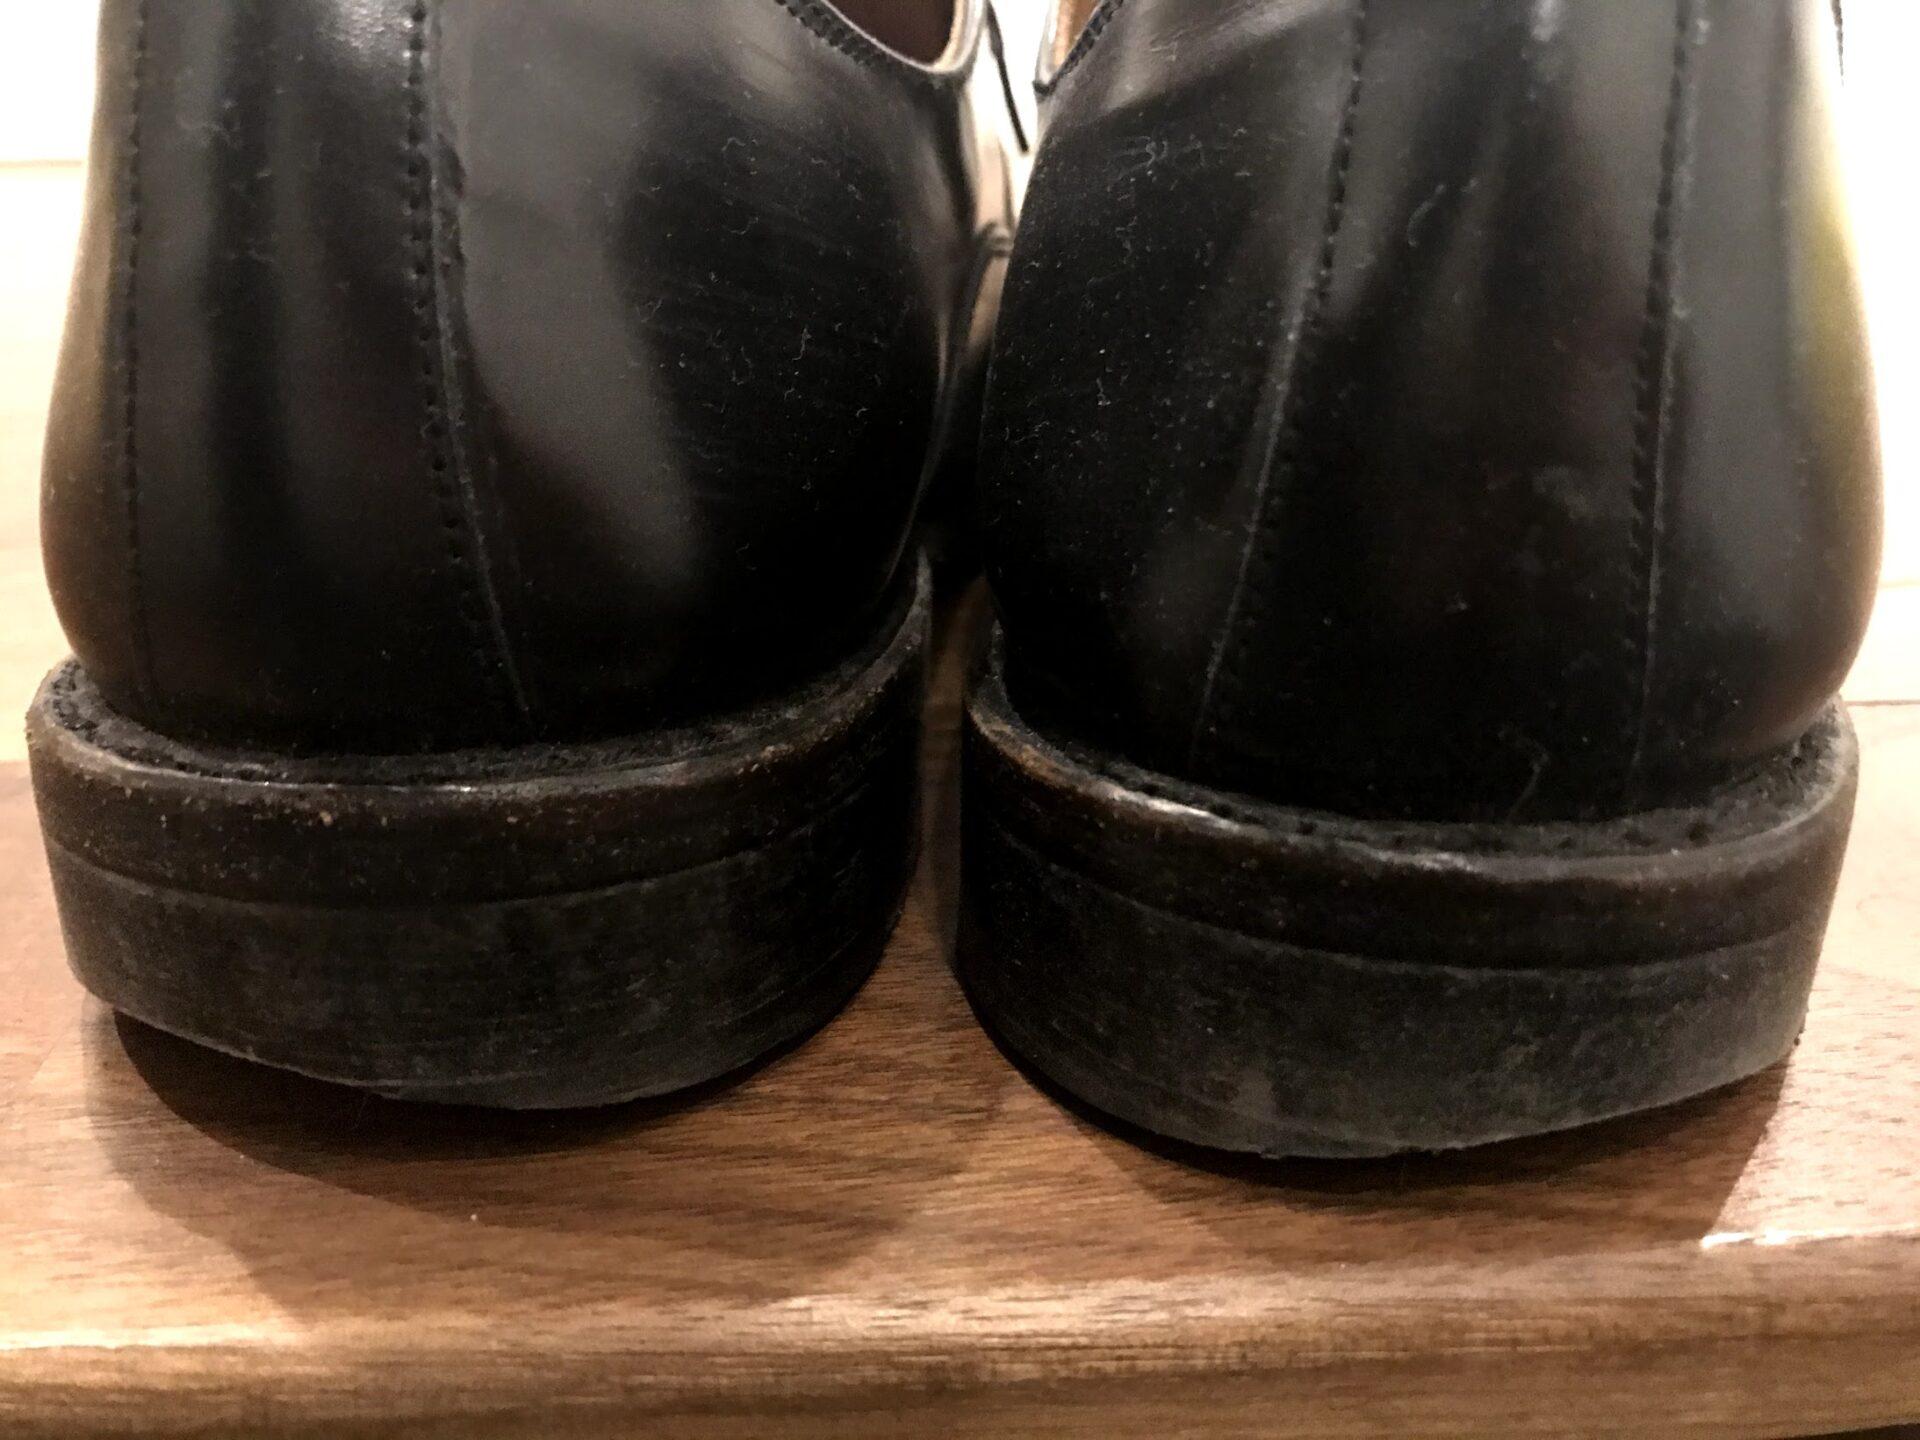 私の靴底、外側が削れている